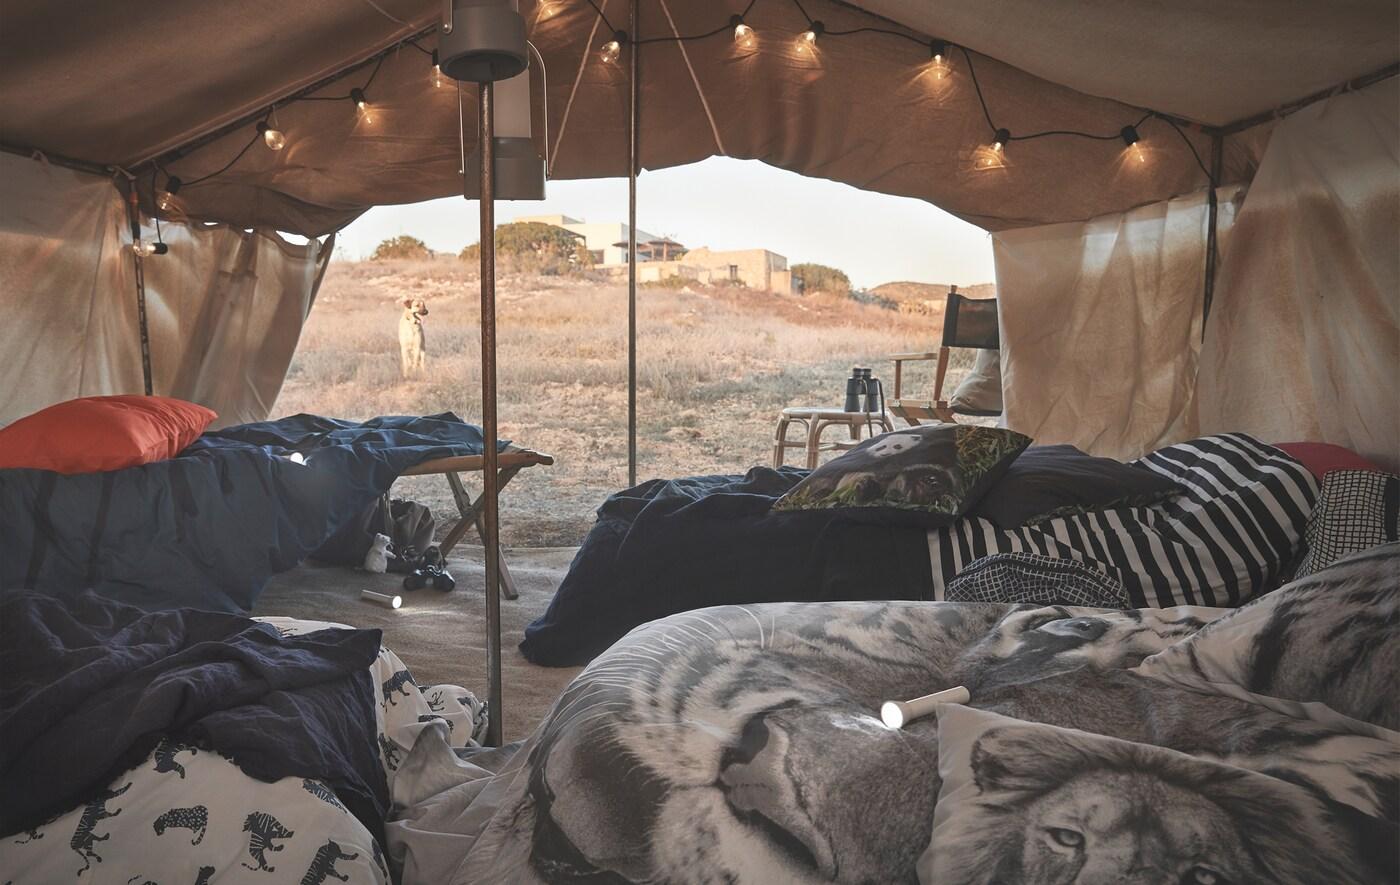 Linge de lit à motifs animaliers habillant des lits sous une tente, dans le désert.